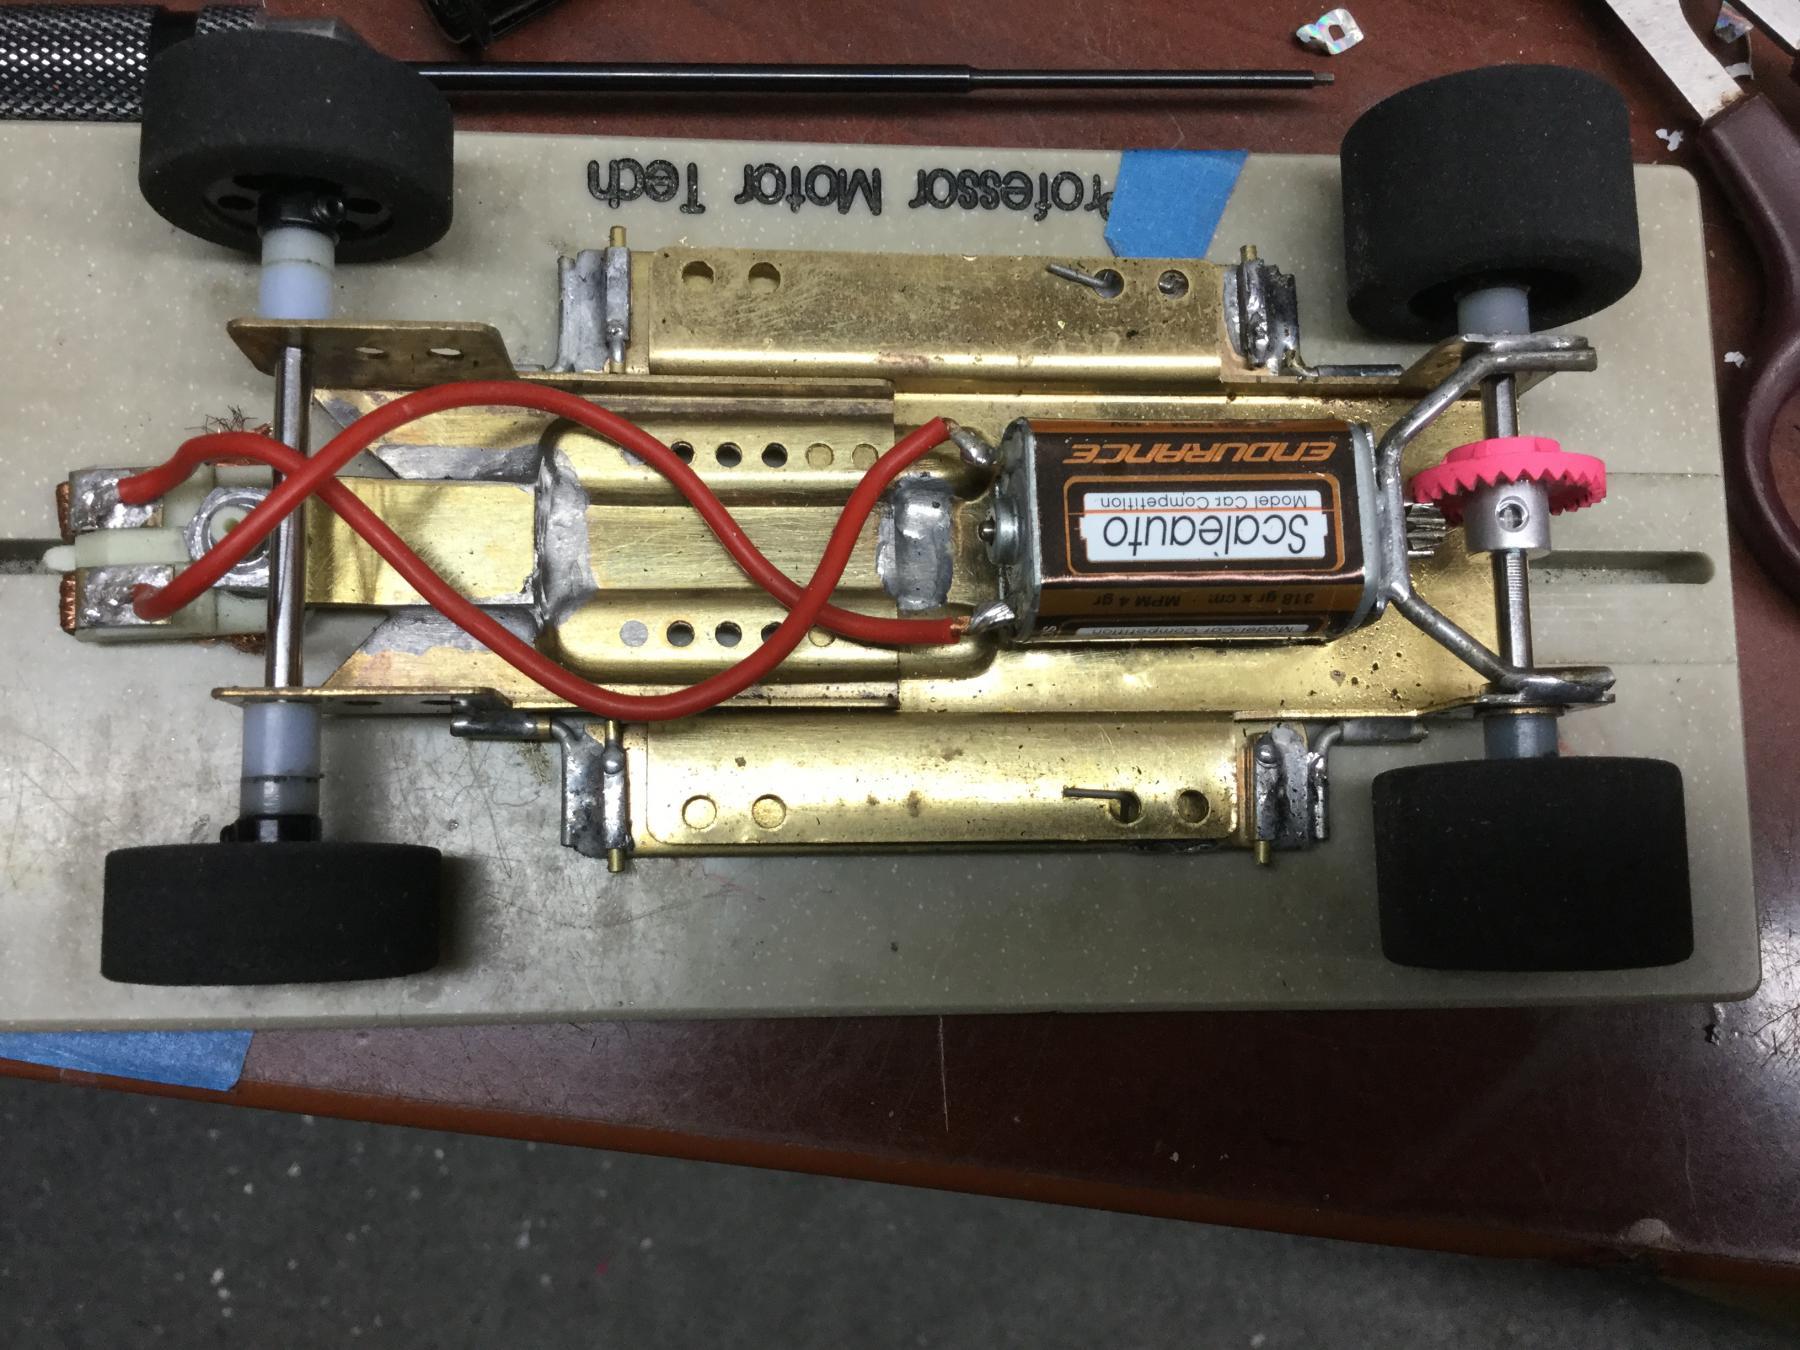 6E3FA84E-C235-468D-AE63-8EFC8B94C80A.jpeg